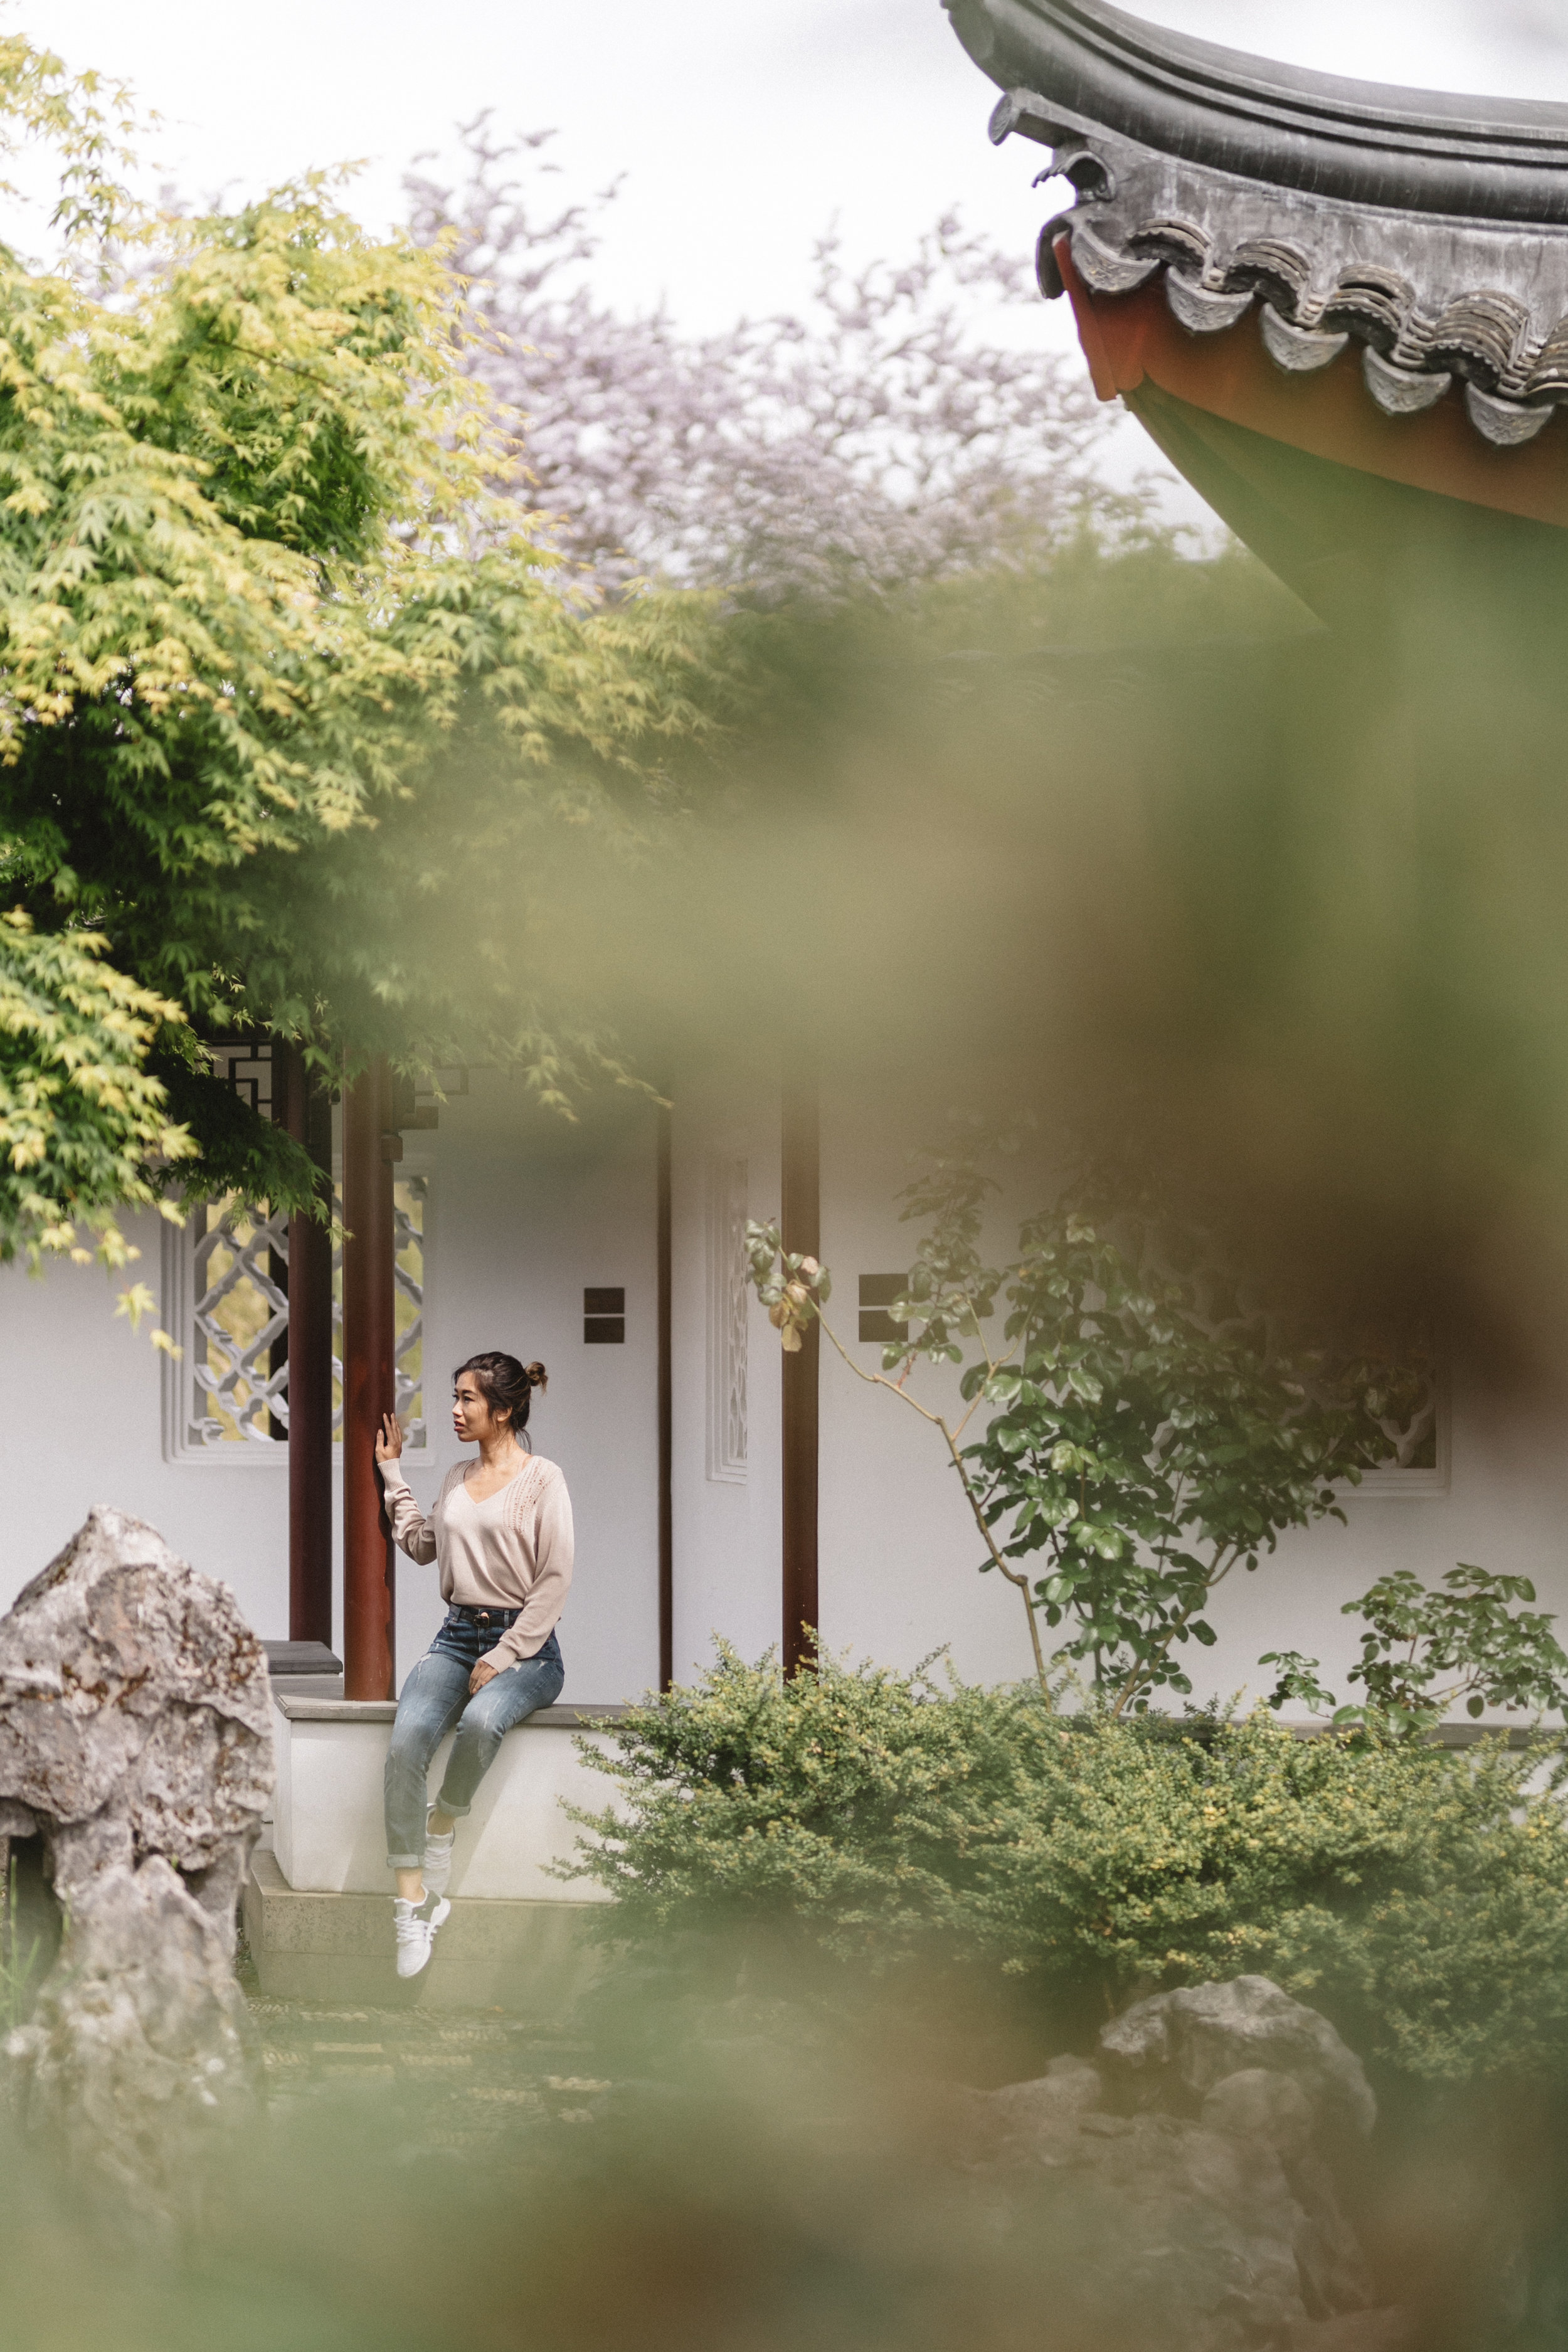 Classical Chinese Garden - Dr. Sun Yat-Sen